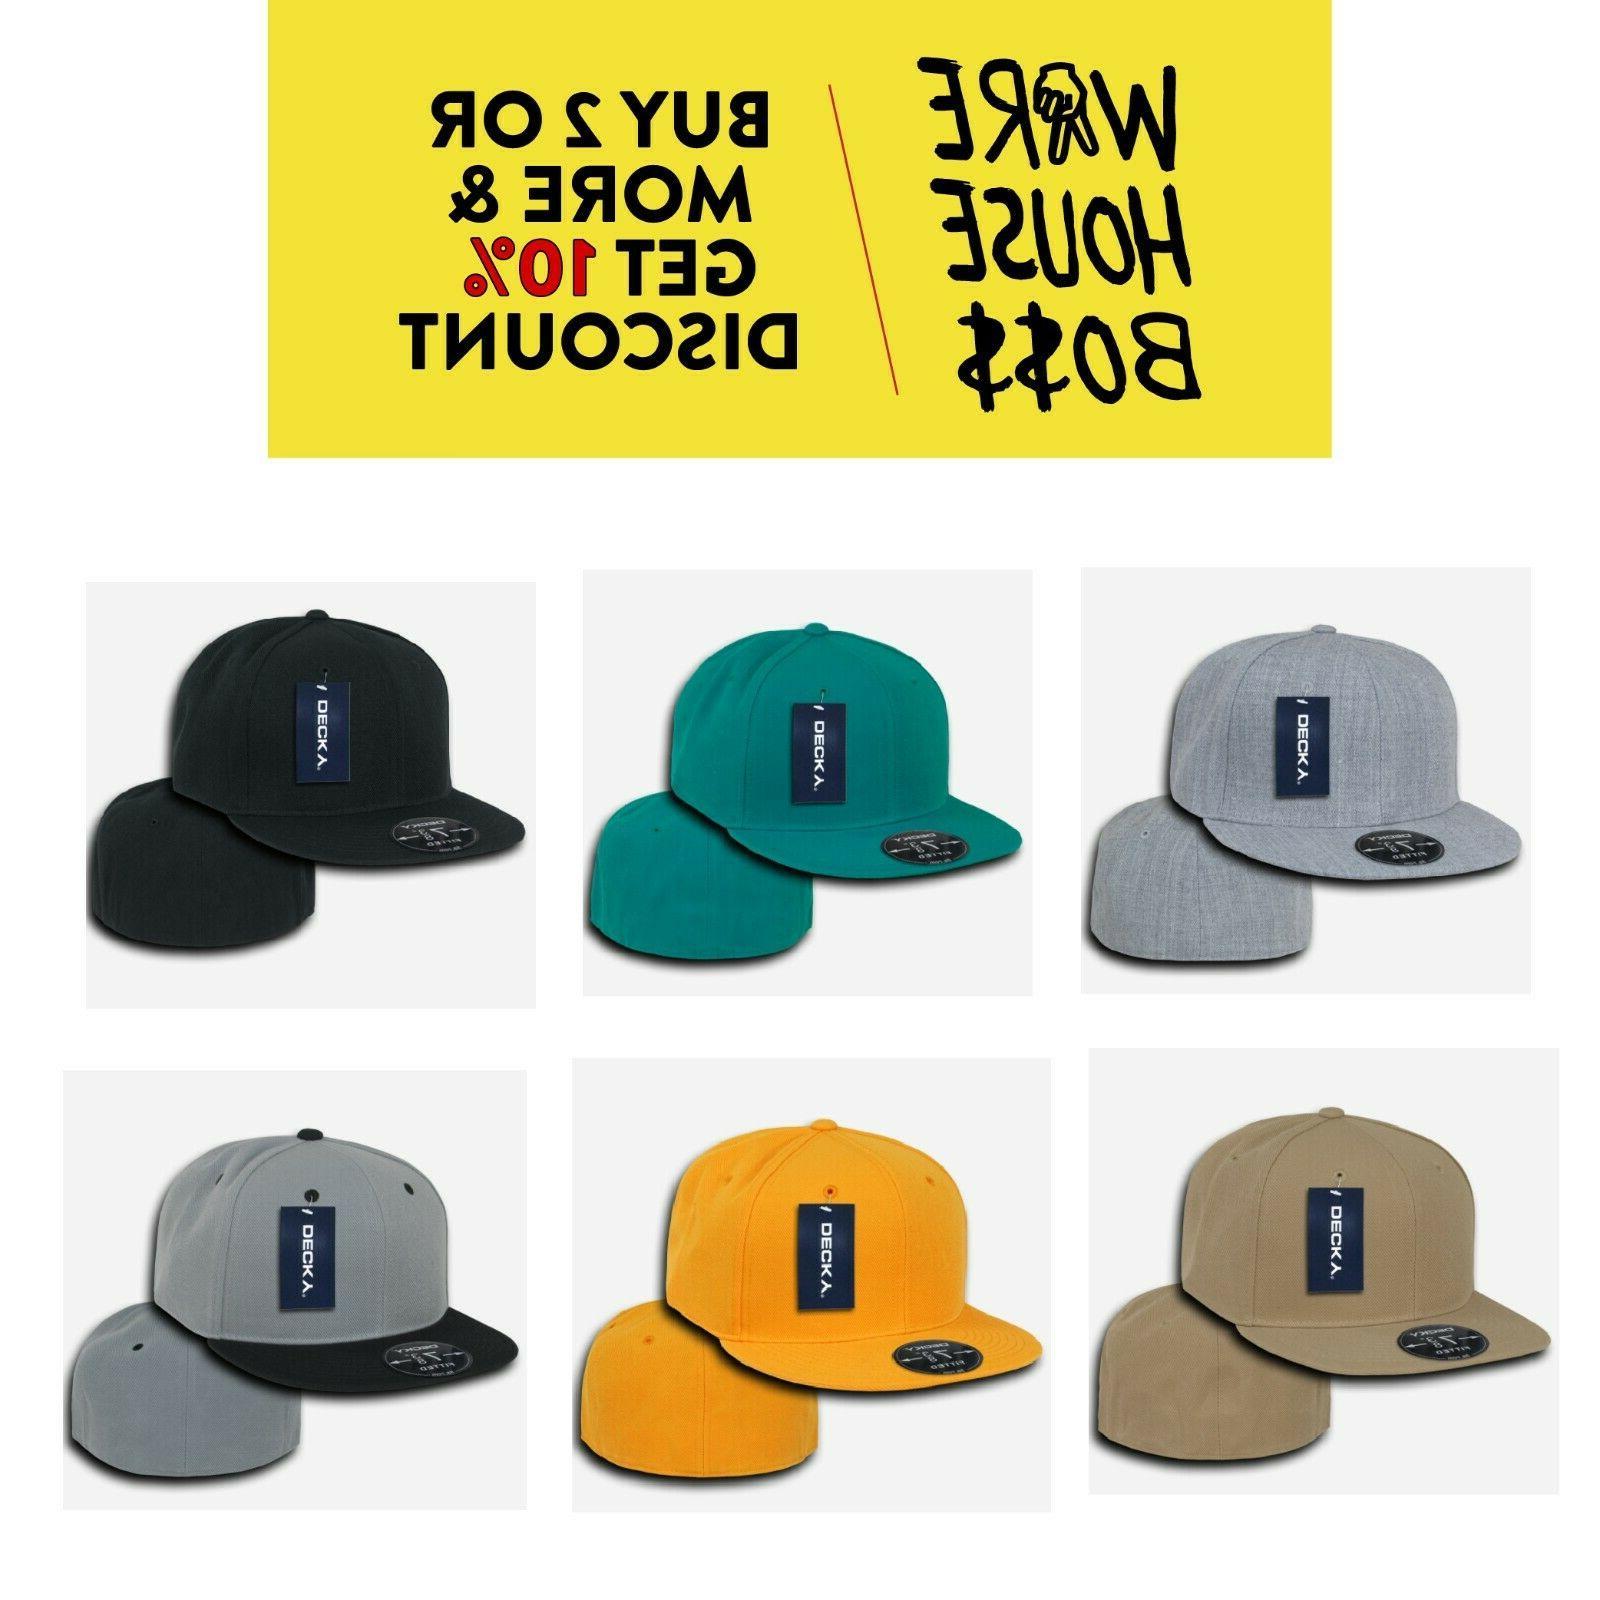 mens plain hat flat bill baseball cap